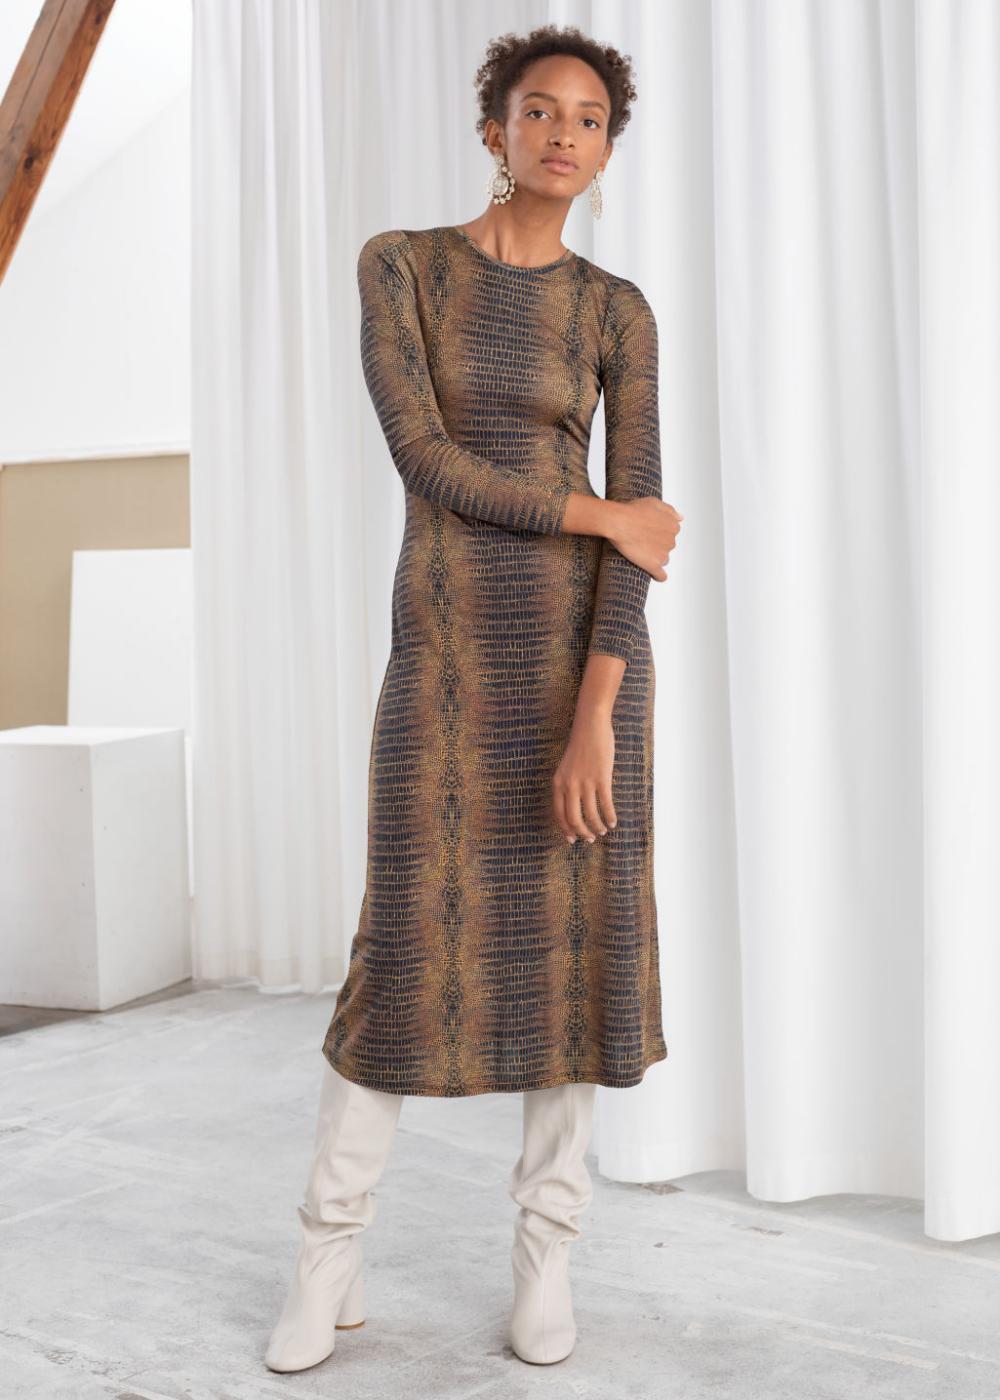 Croc Print Fitted Midi Dress Fitted Midi Dress Midi Dress High Fashion Street Style [ 1400 x 1000 Pixel ]